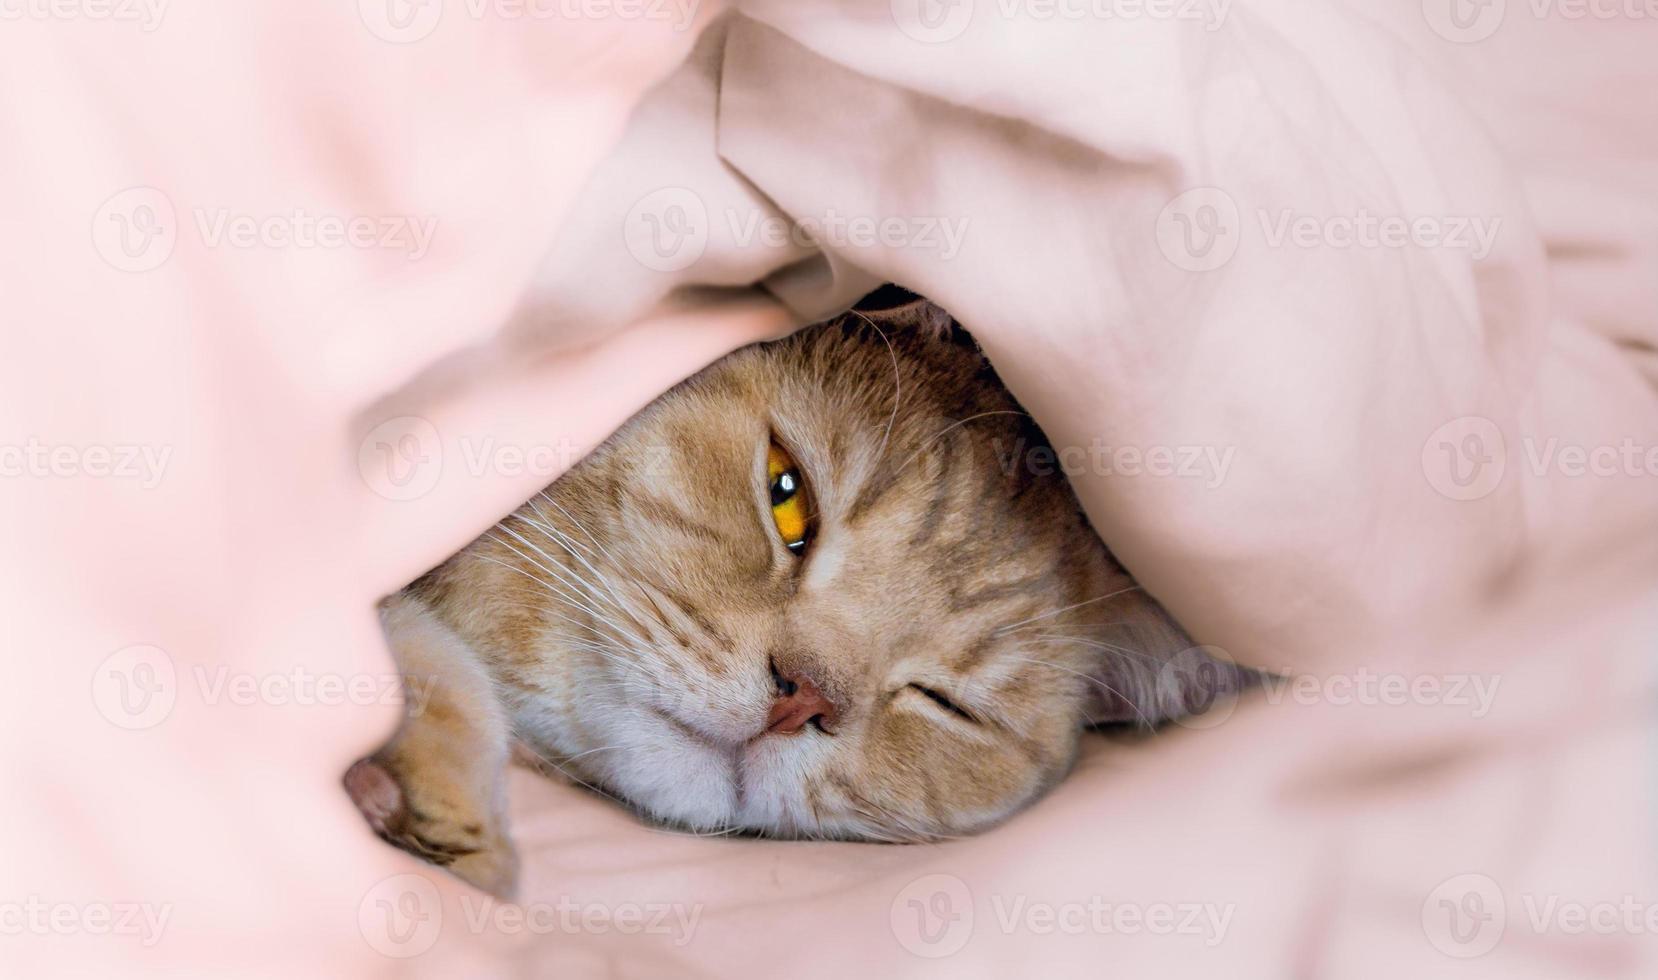 bellissimo gatto britannico. foto